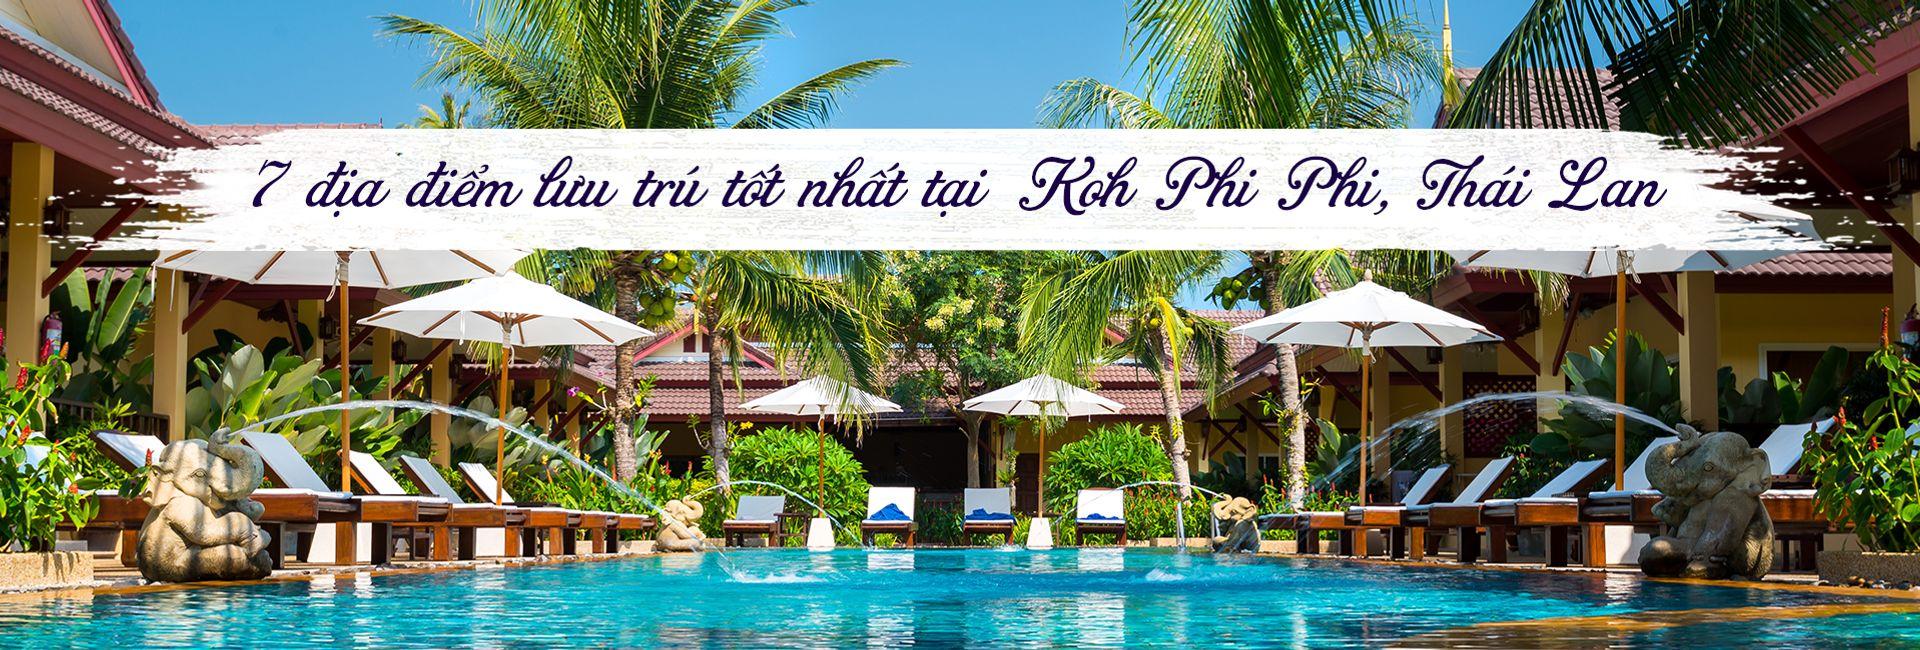 Top 7 khách sạn tốt nhất tại Koh Phi Phi